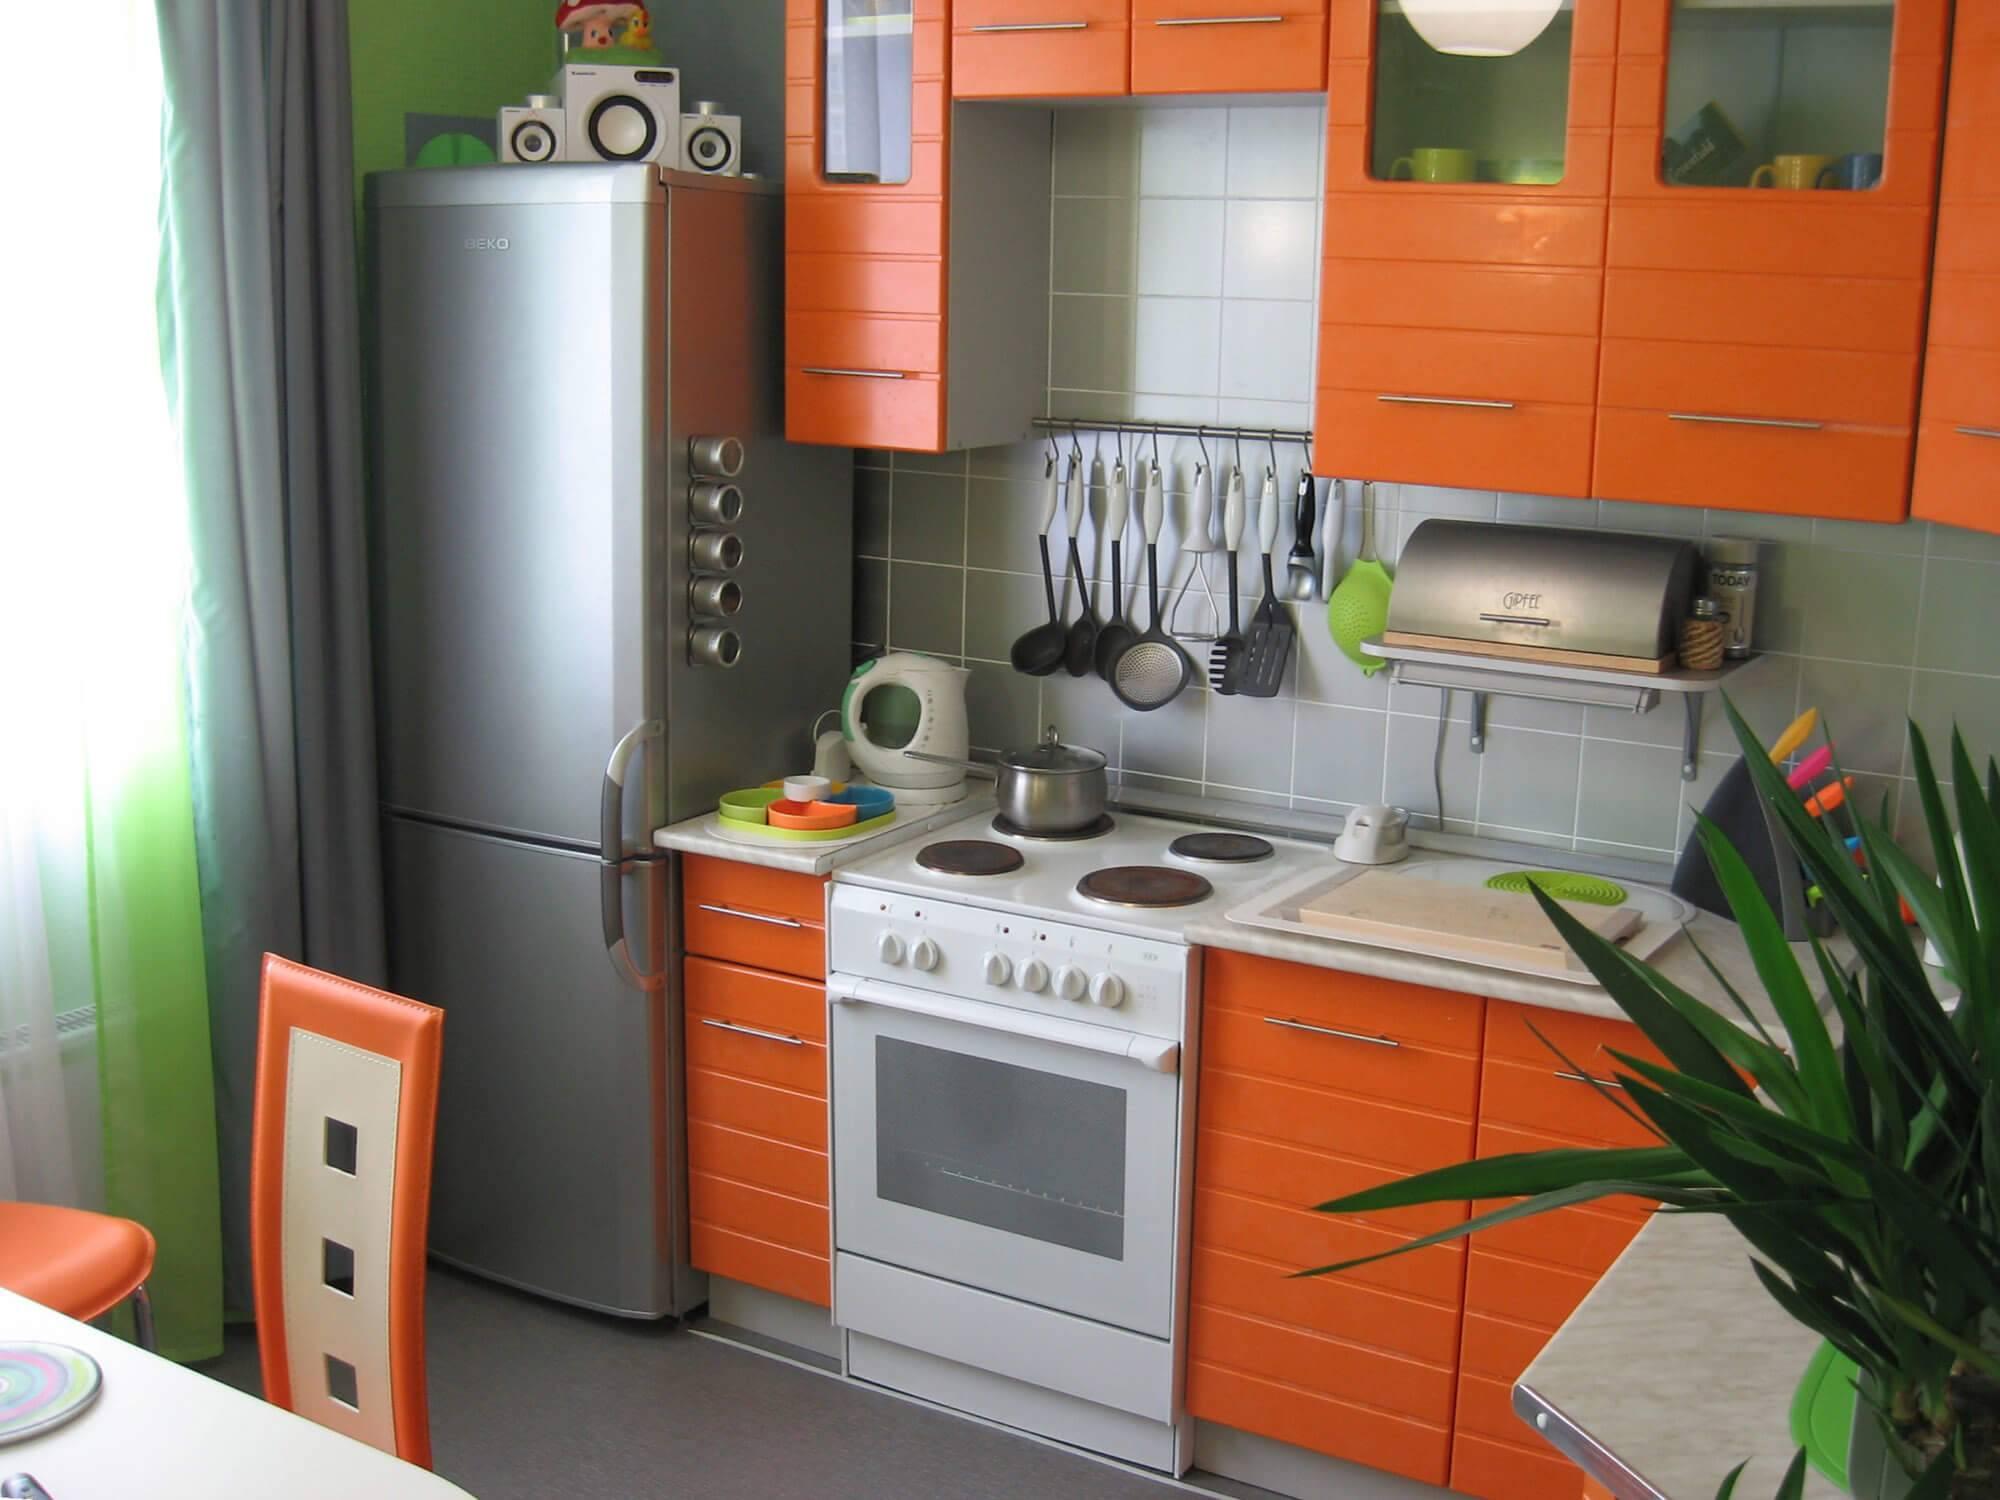 холодильник рядом с радиатором